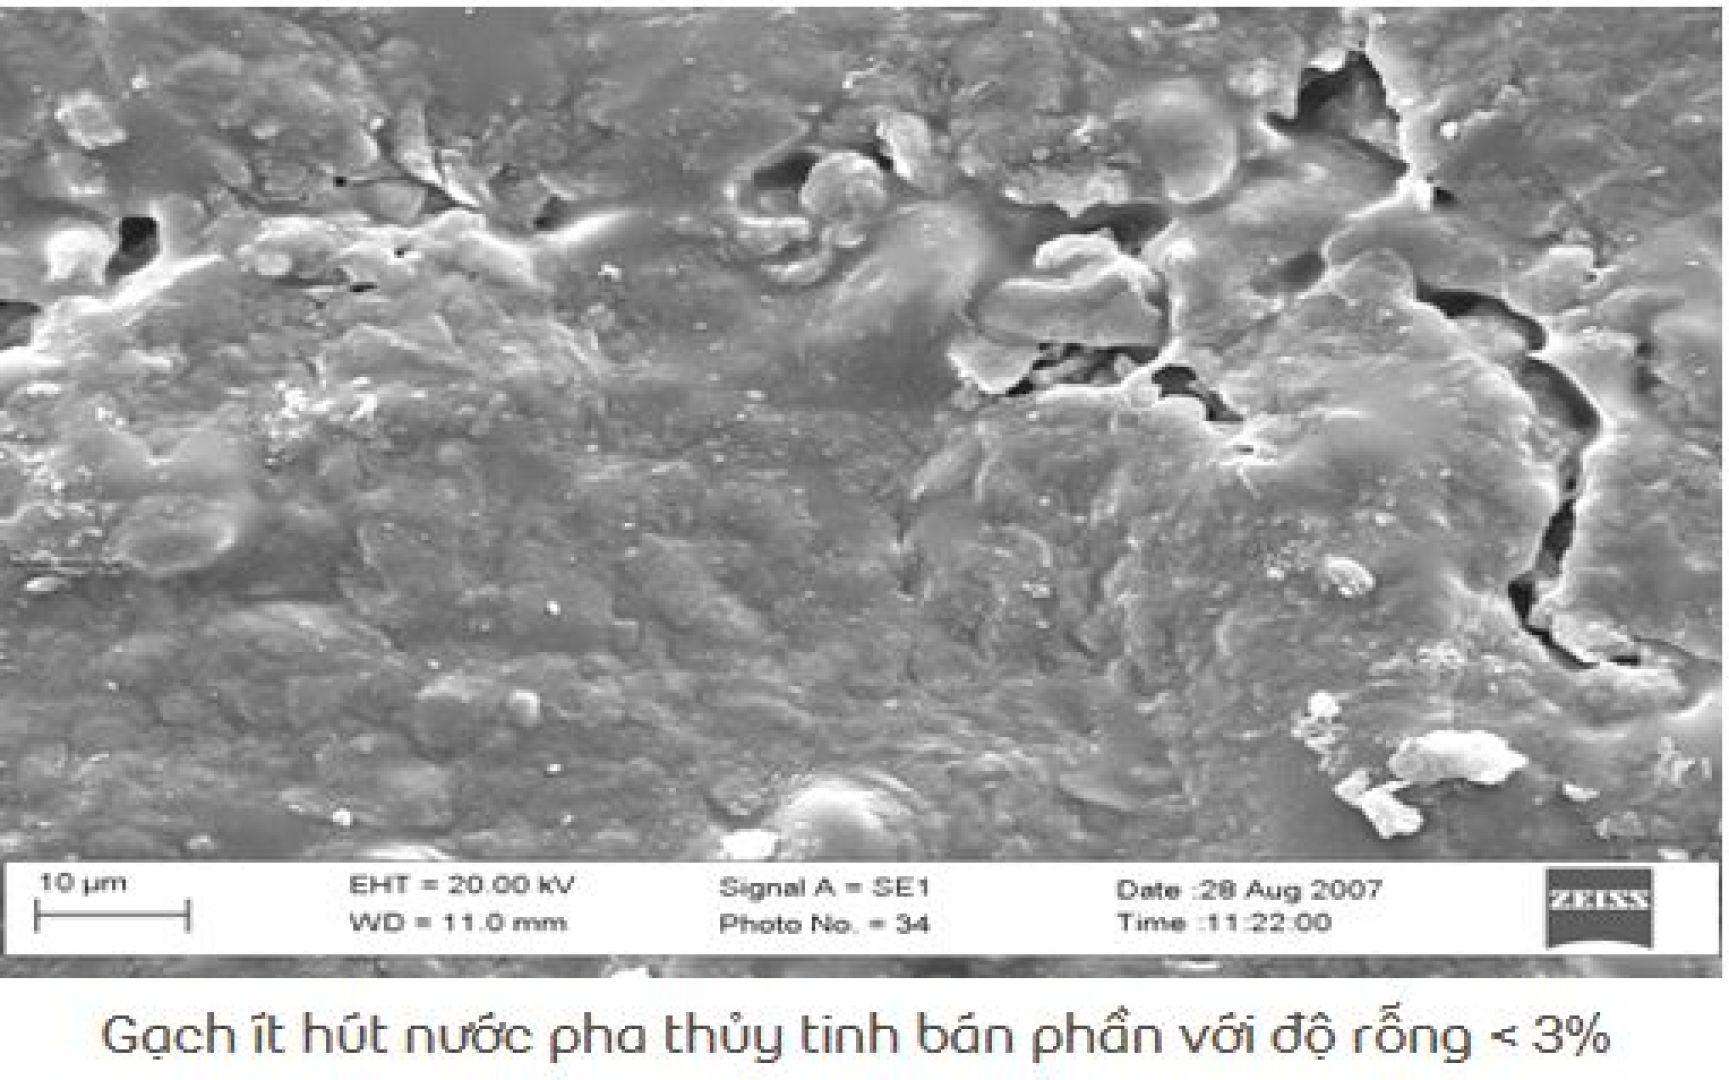 keo dán gạch Weber dùng cho các loại gạch không hút nước